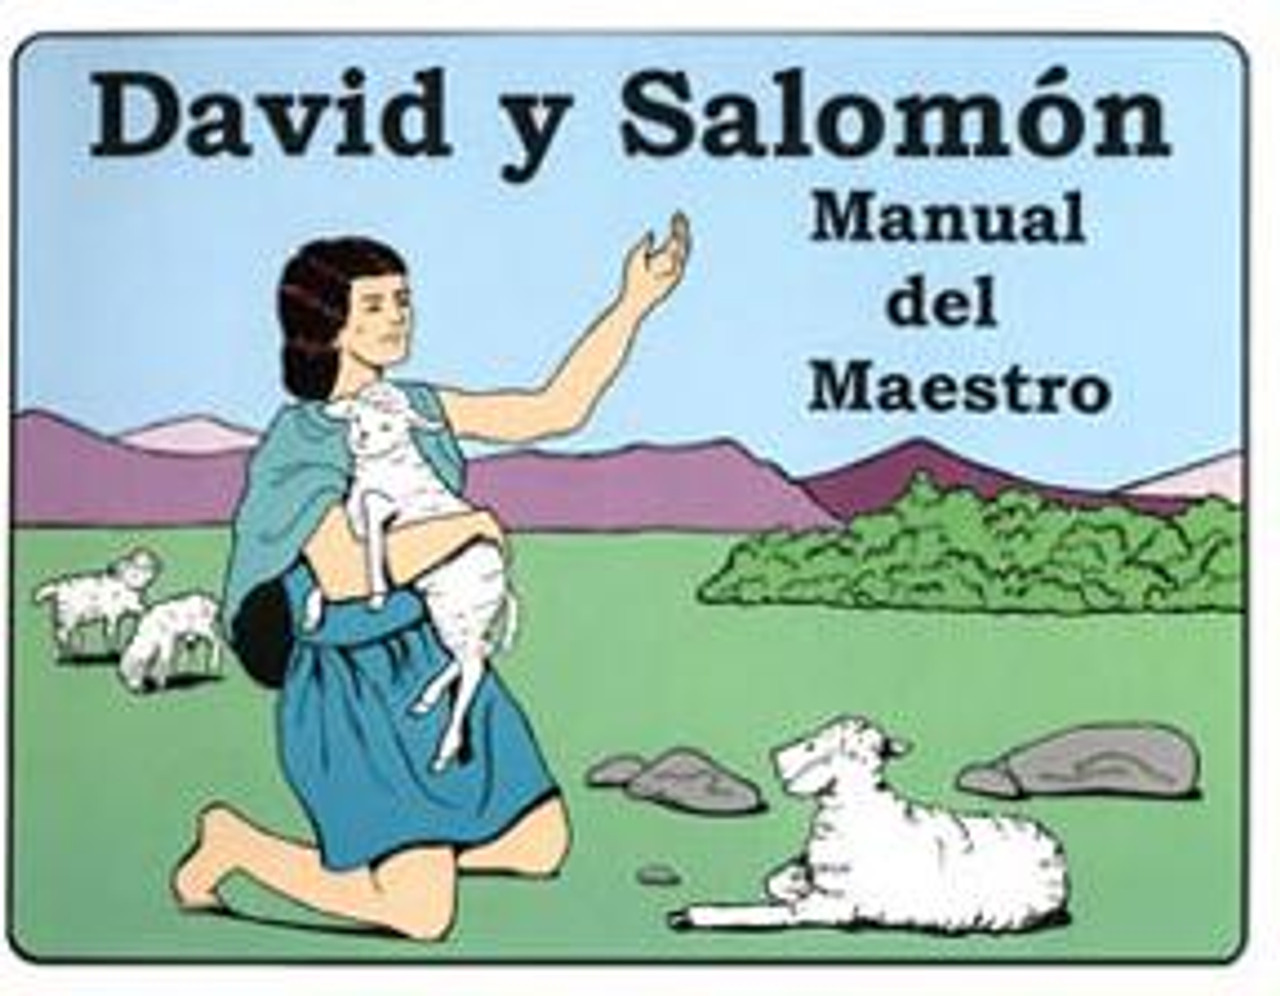 David y Salomon